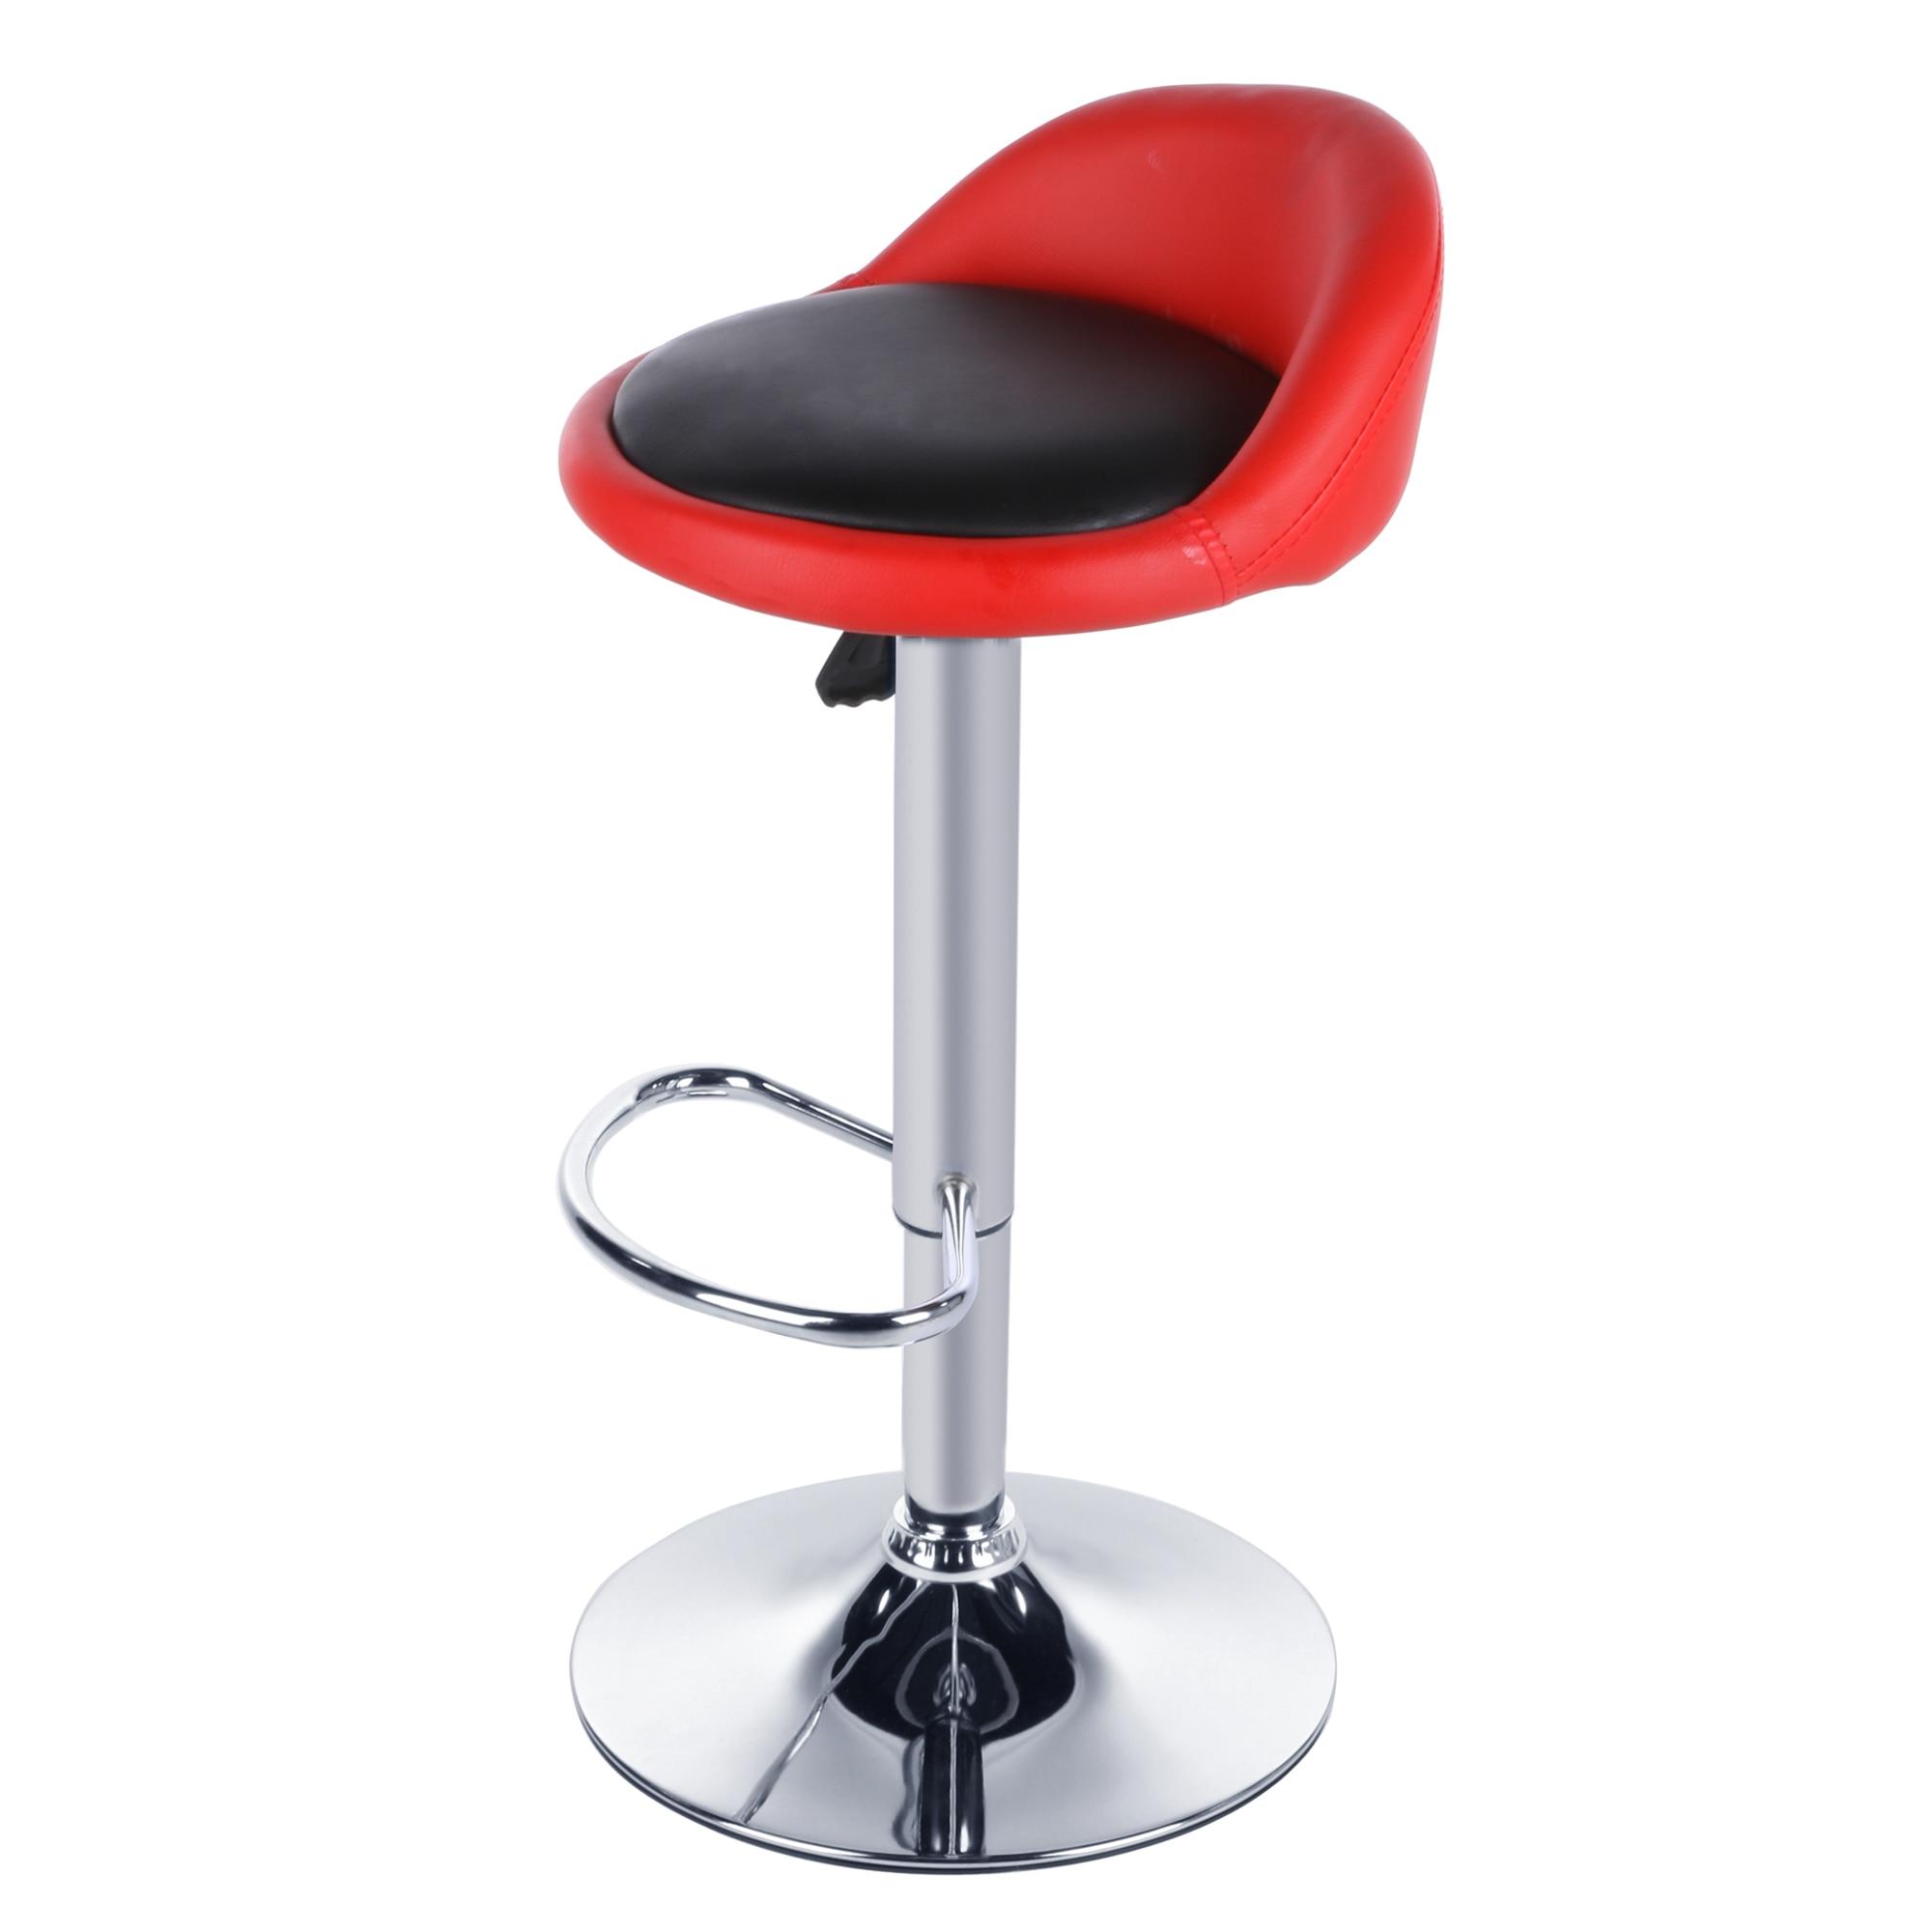 Homdox 2 шт. Кожезаменитель вращающийся регулируемая высота барный стул Нержавеющаясталь стент 4 цвета N20A